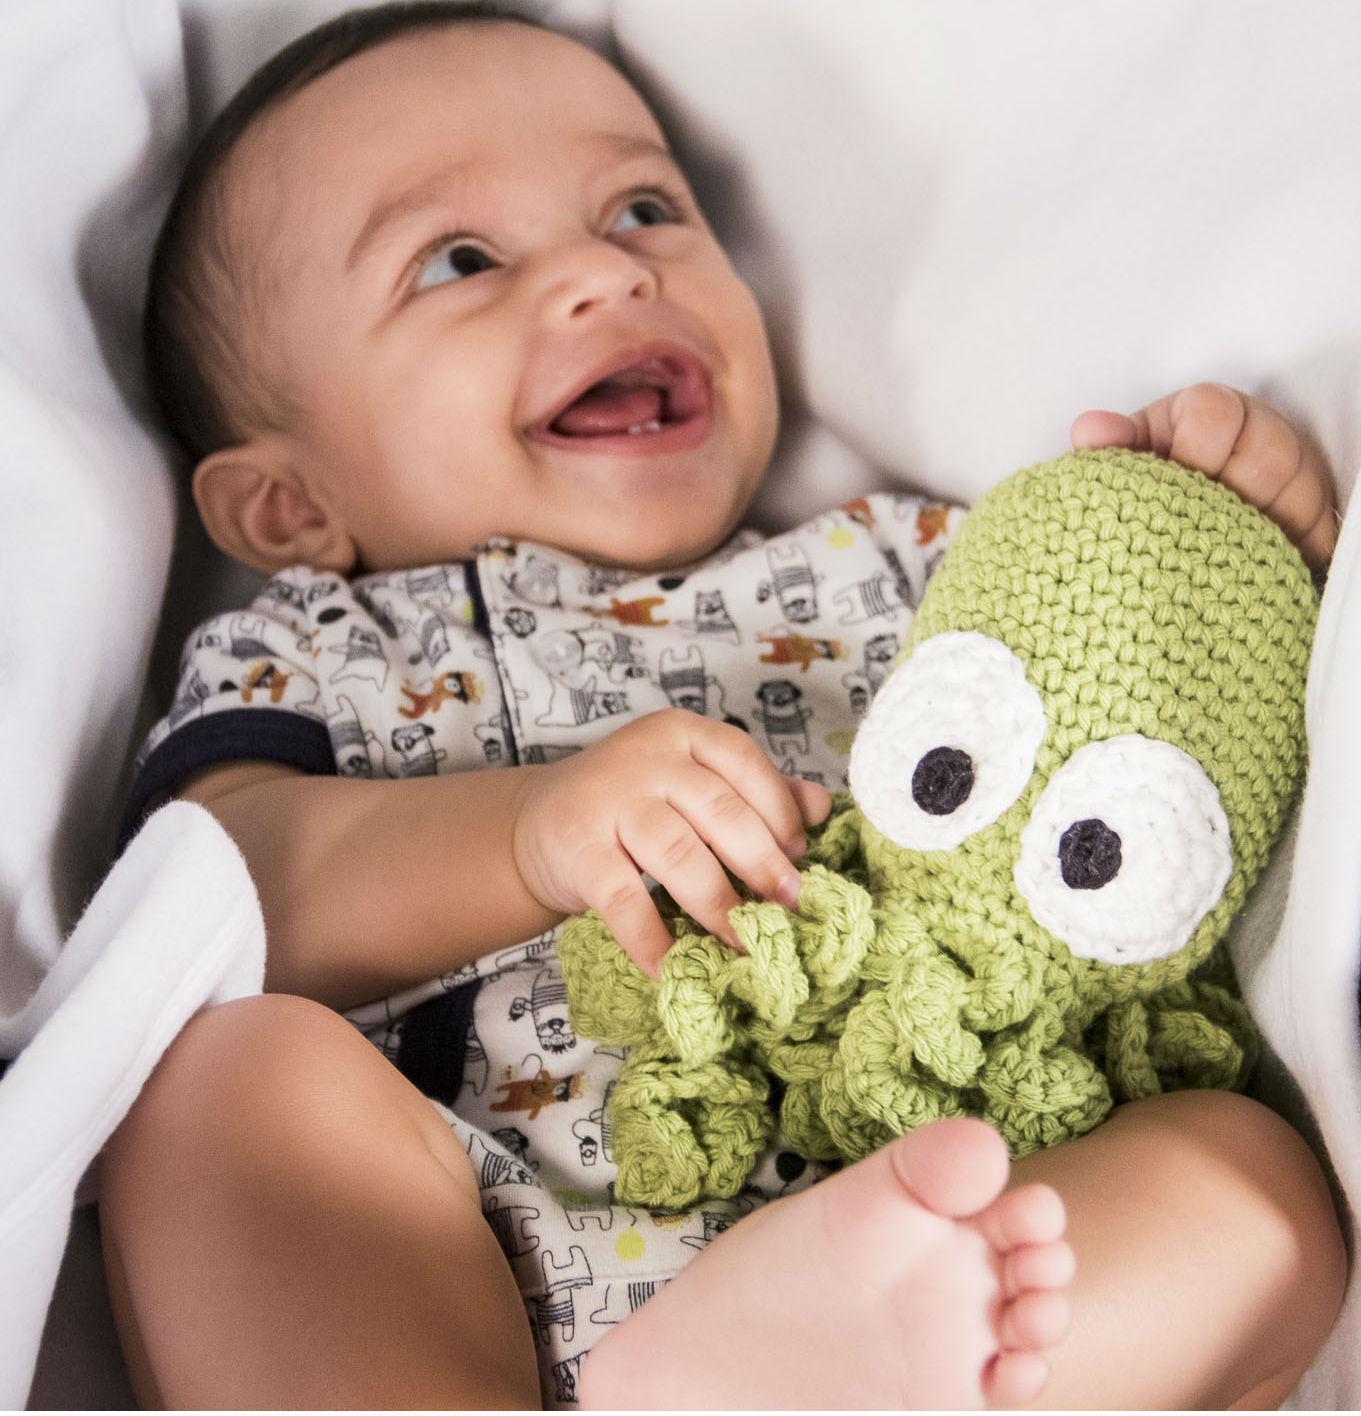 """O sorriso que diz tudo! """"Mamãe, eu <3 esse polvo de crochê!"""""""